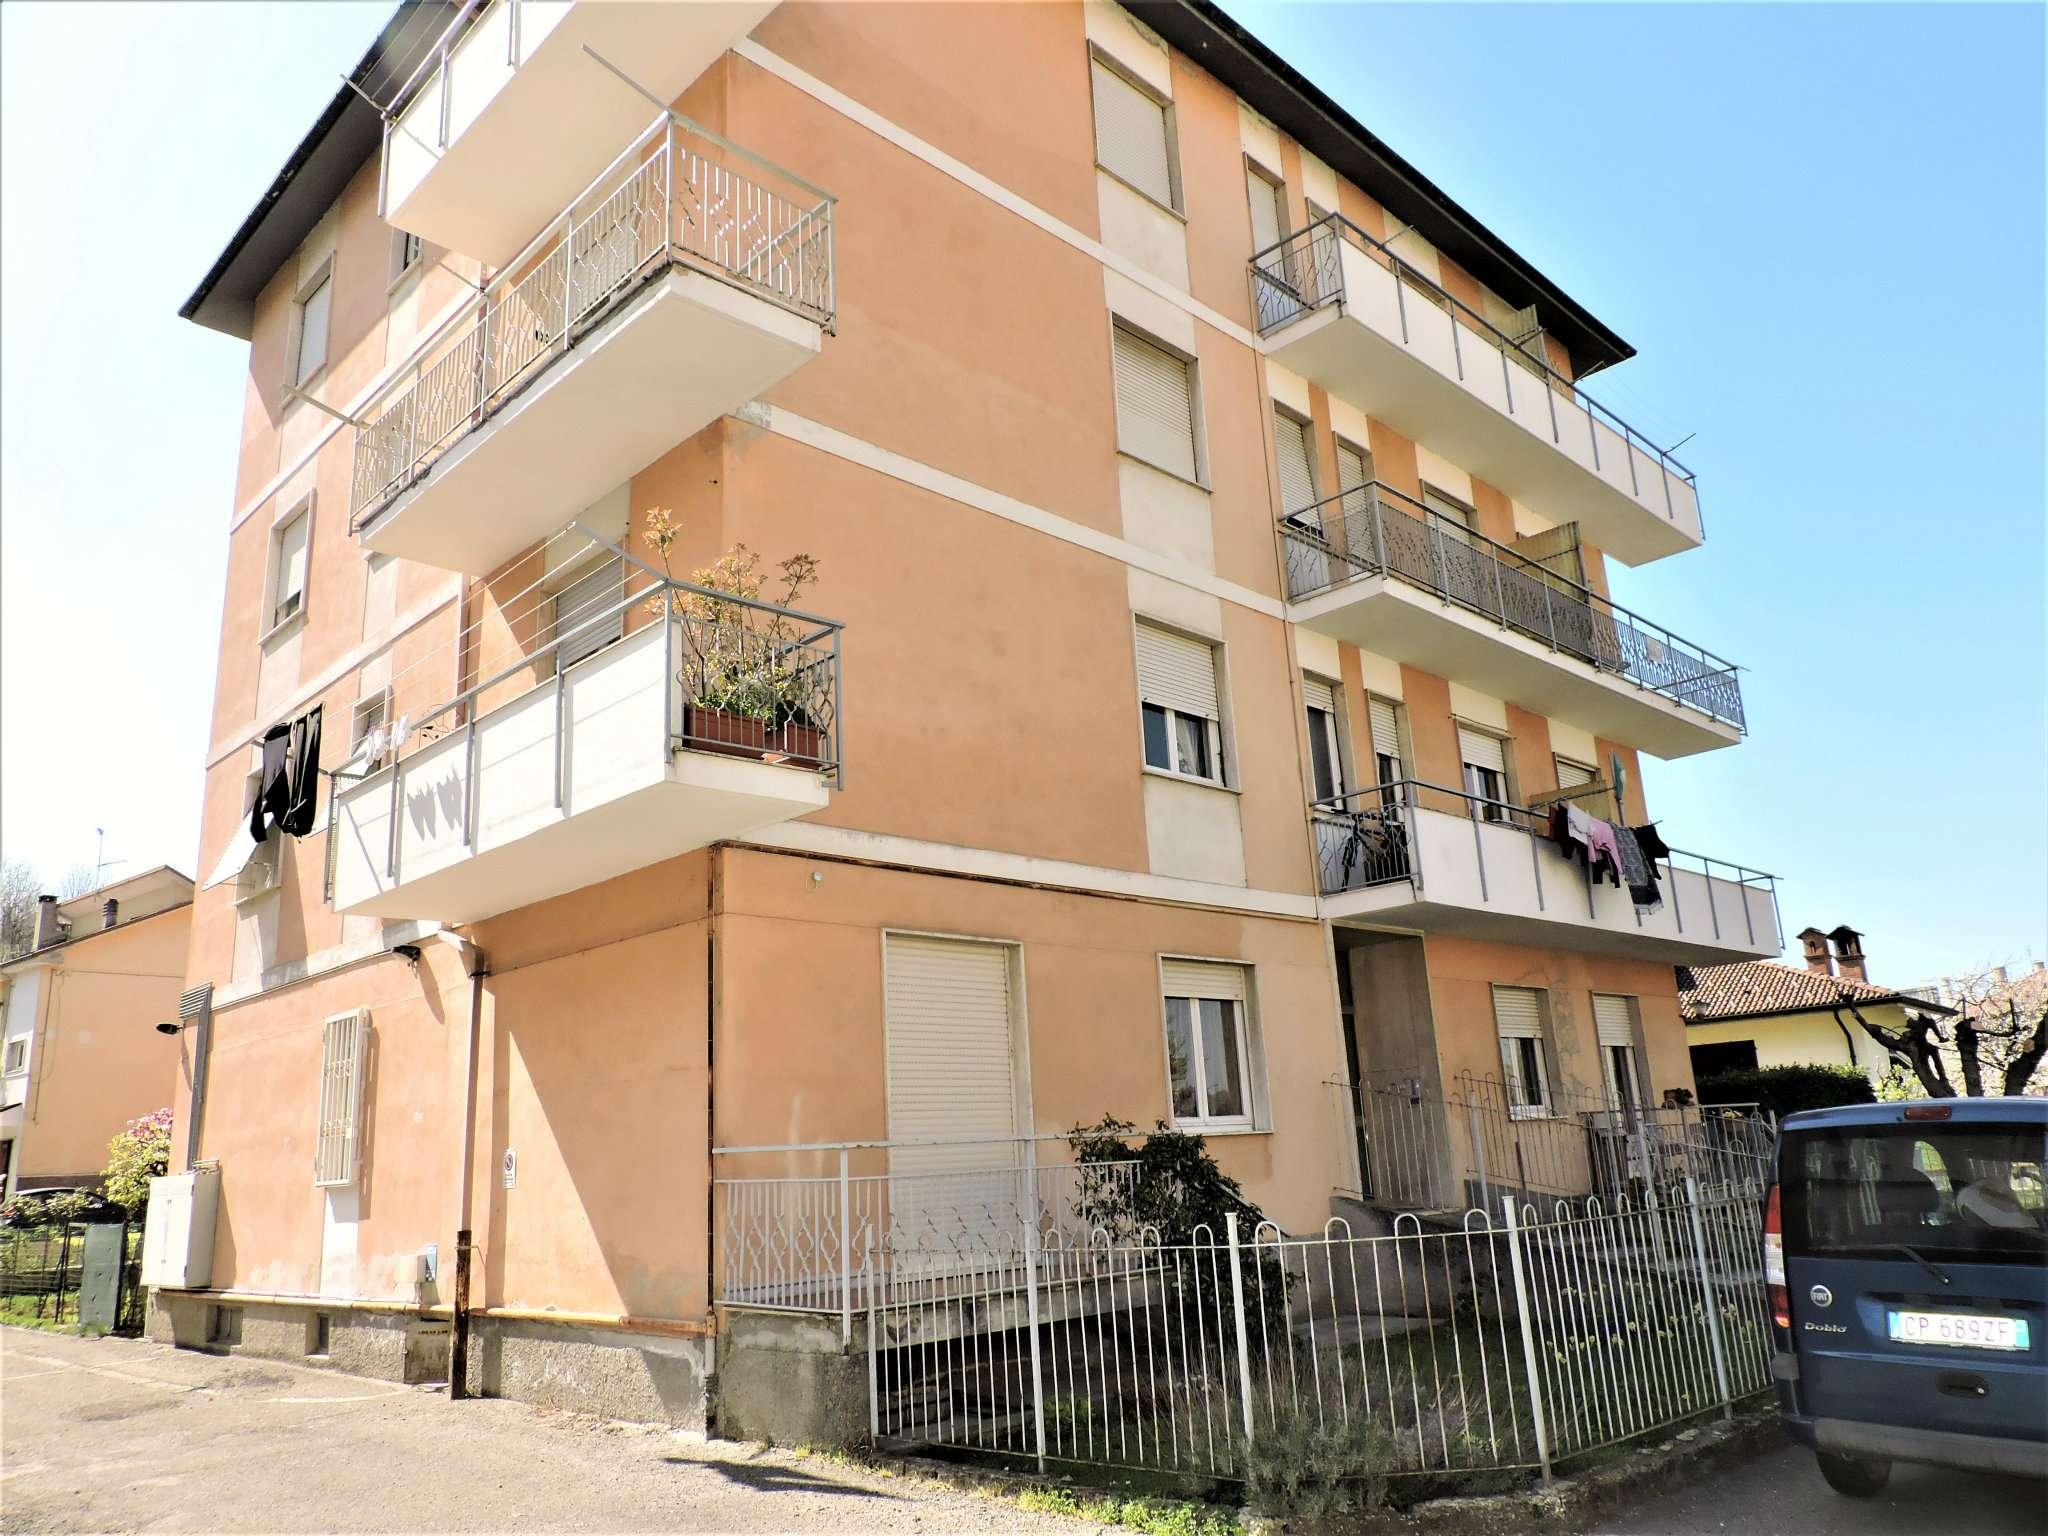 Appartamento in vendita a Arquata Scrivia, 2 locali, prezzo € 45.000 | CambioCasa.it